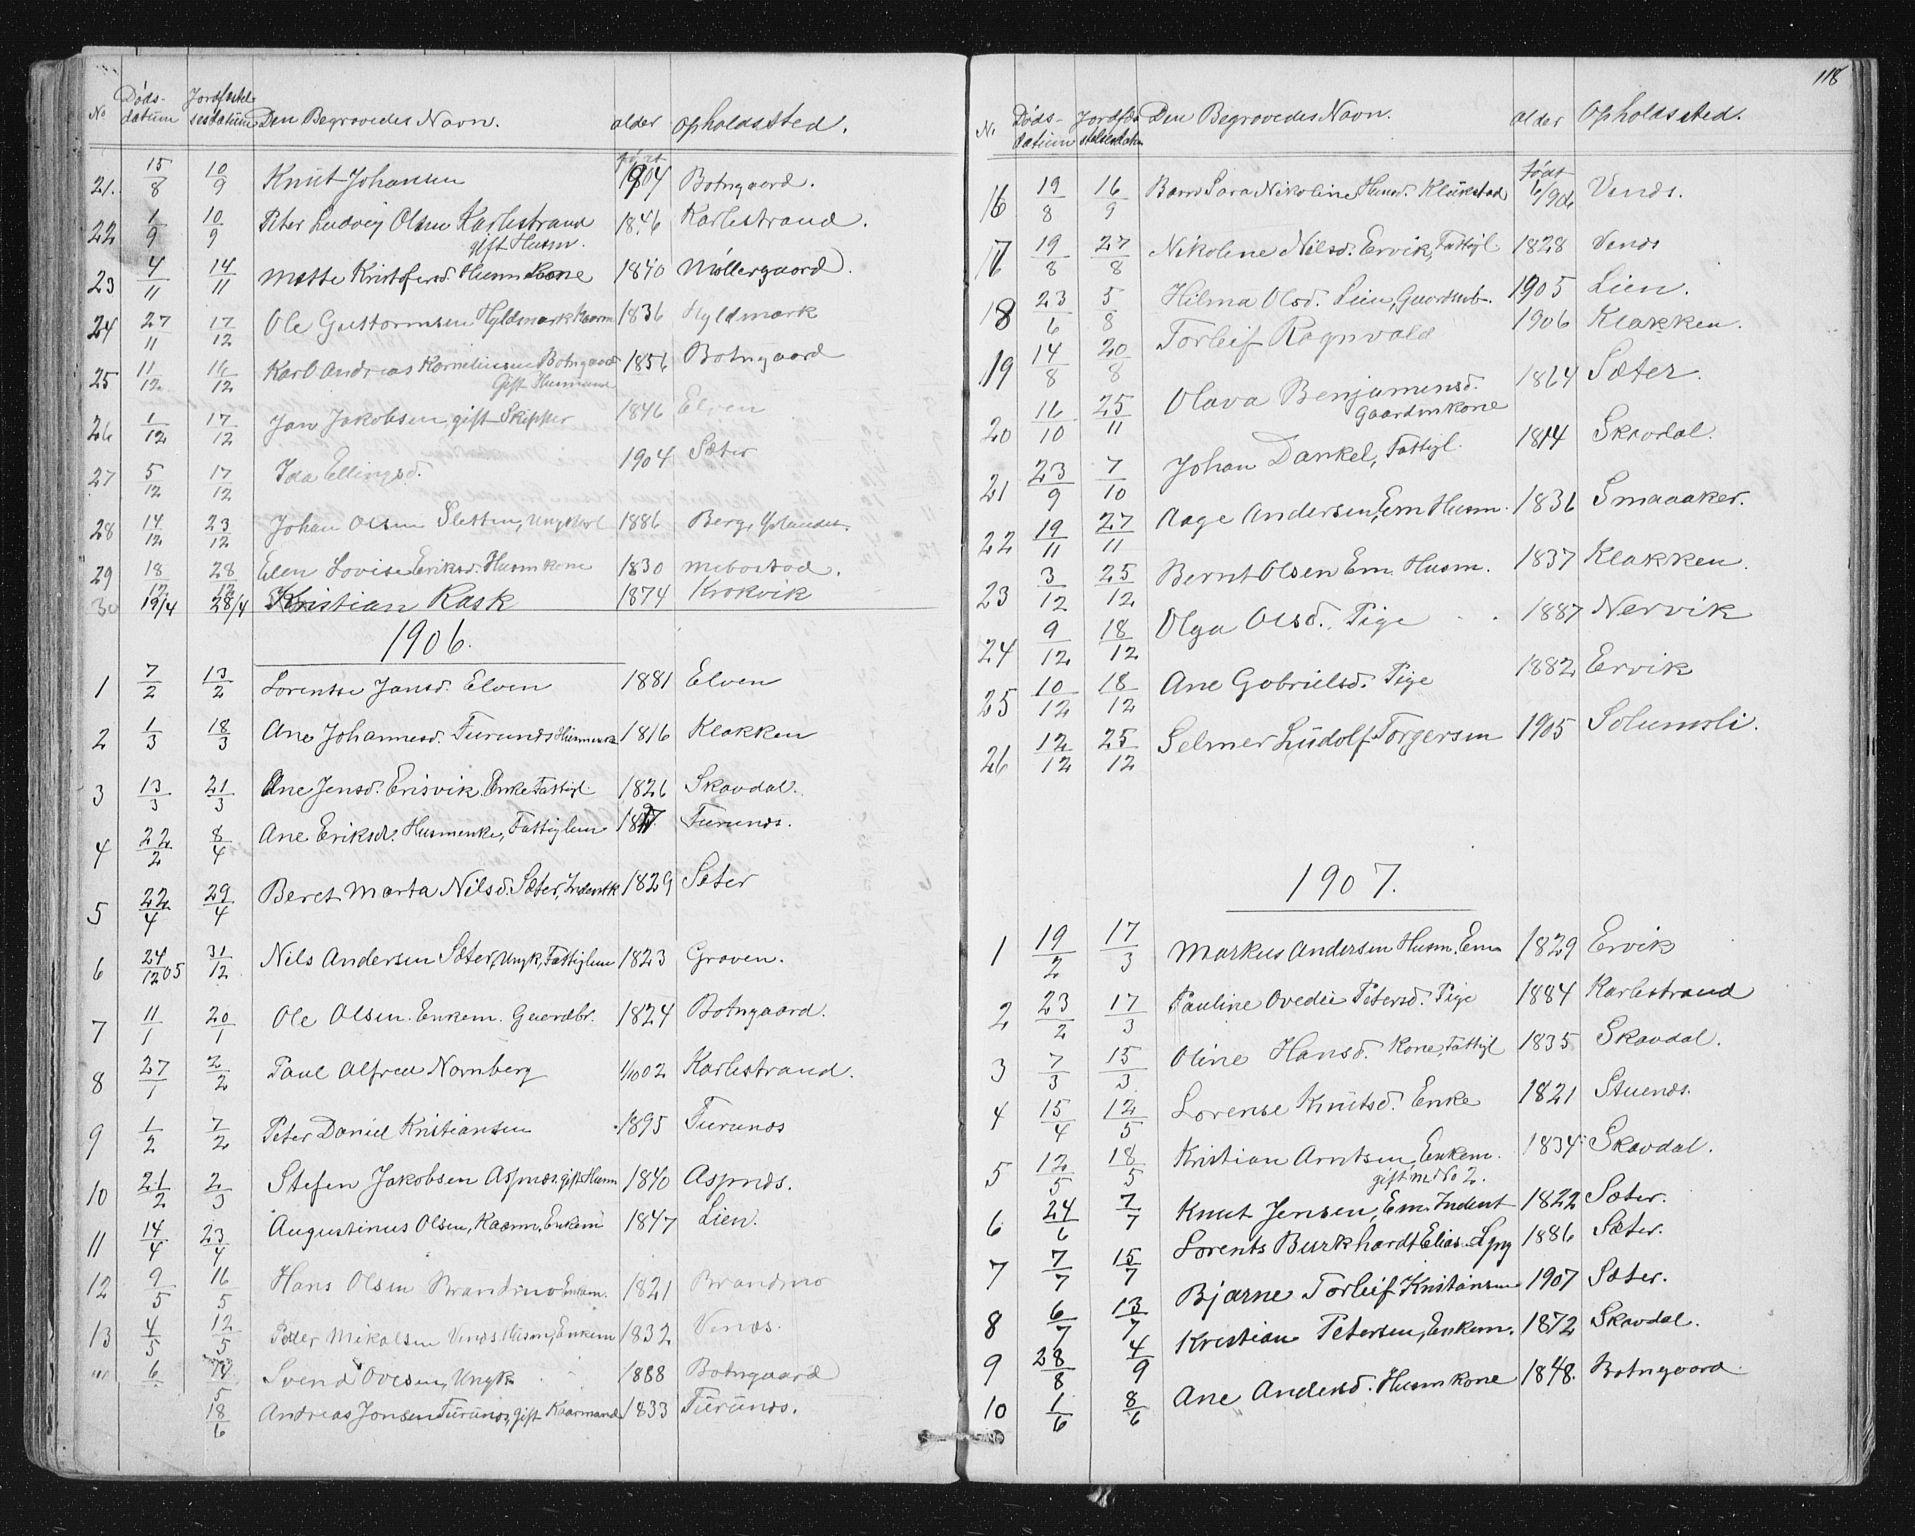 SAT, Ministerialprotokoller, klokkerbøker og fødselsregistre - Sør-Trøndelag, 651/L0647: Klokkerbok nr. 651C01, 1866-1914, s. 118